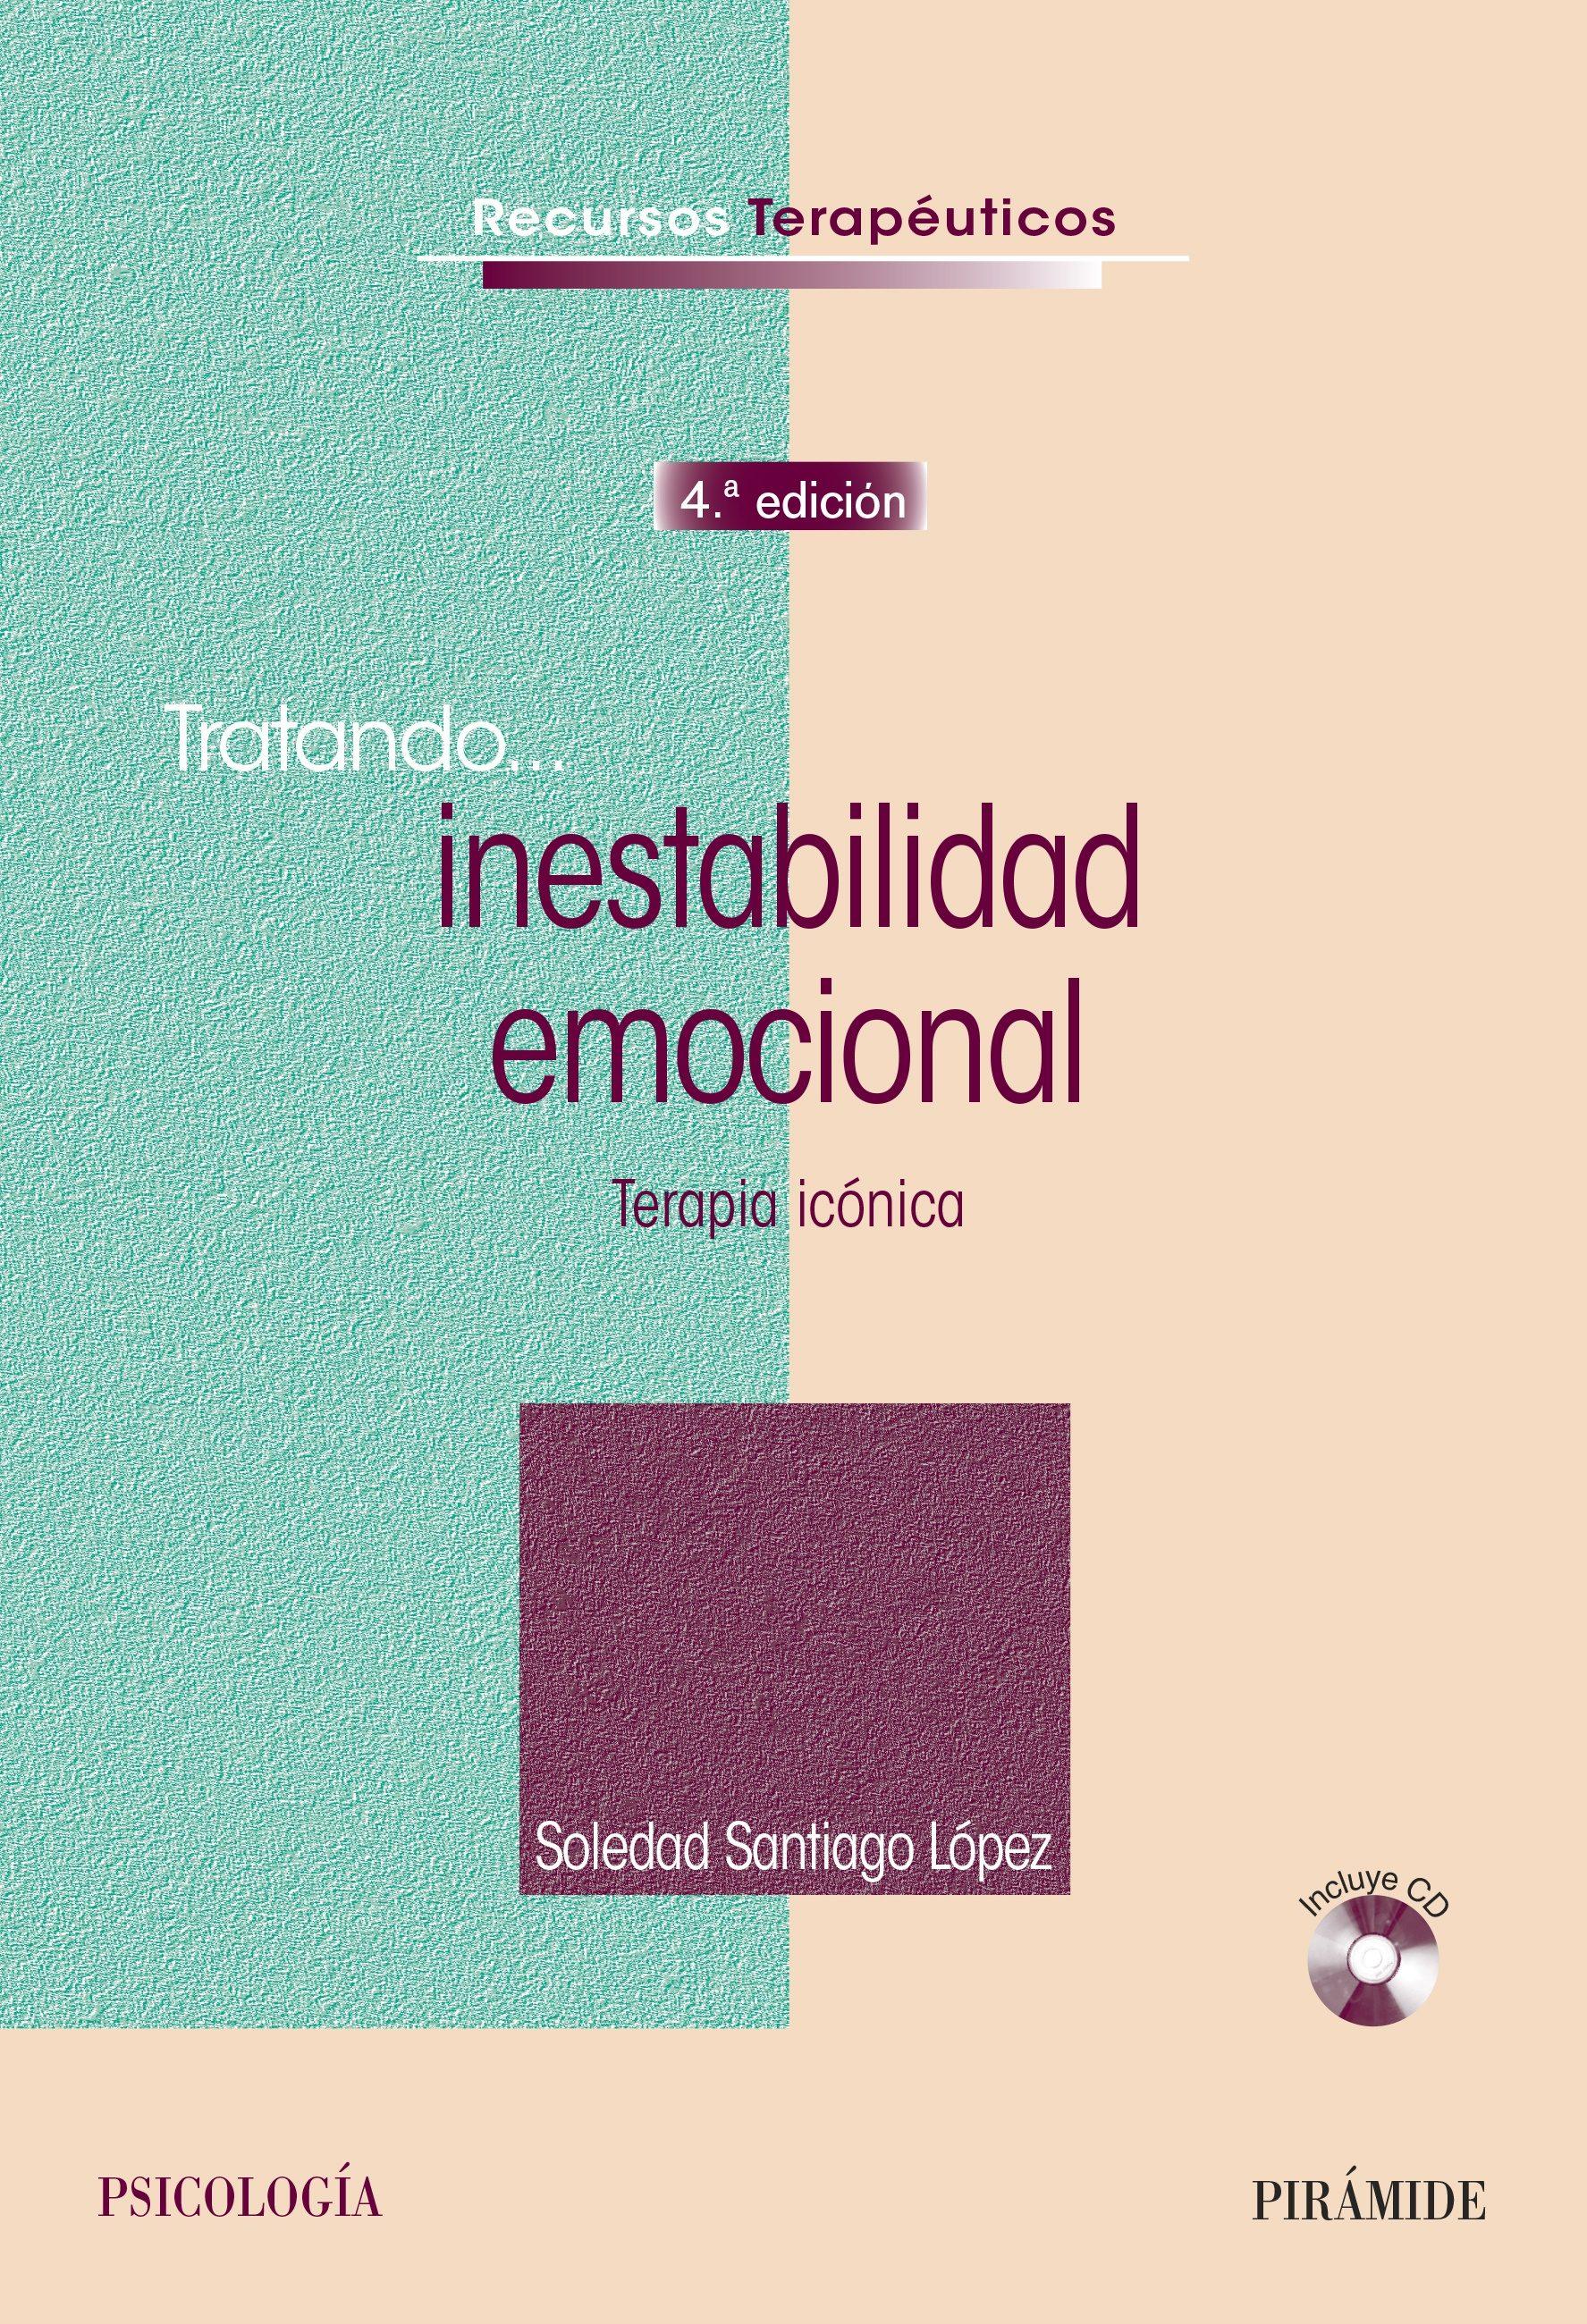 Tratando... Inestabilidad Emocional   por Soledad Santiago Lopez